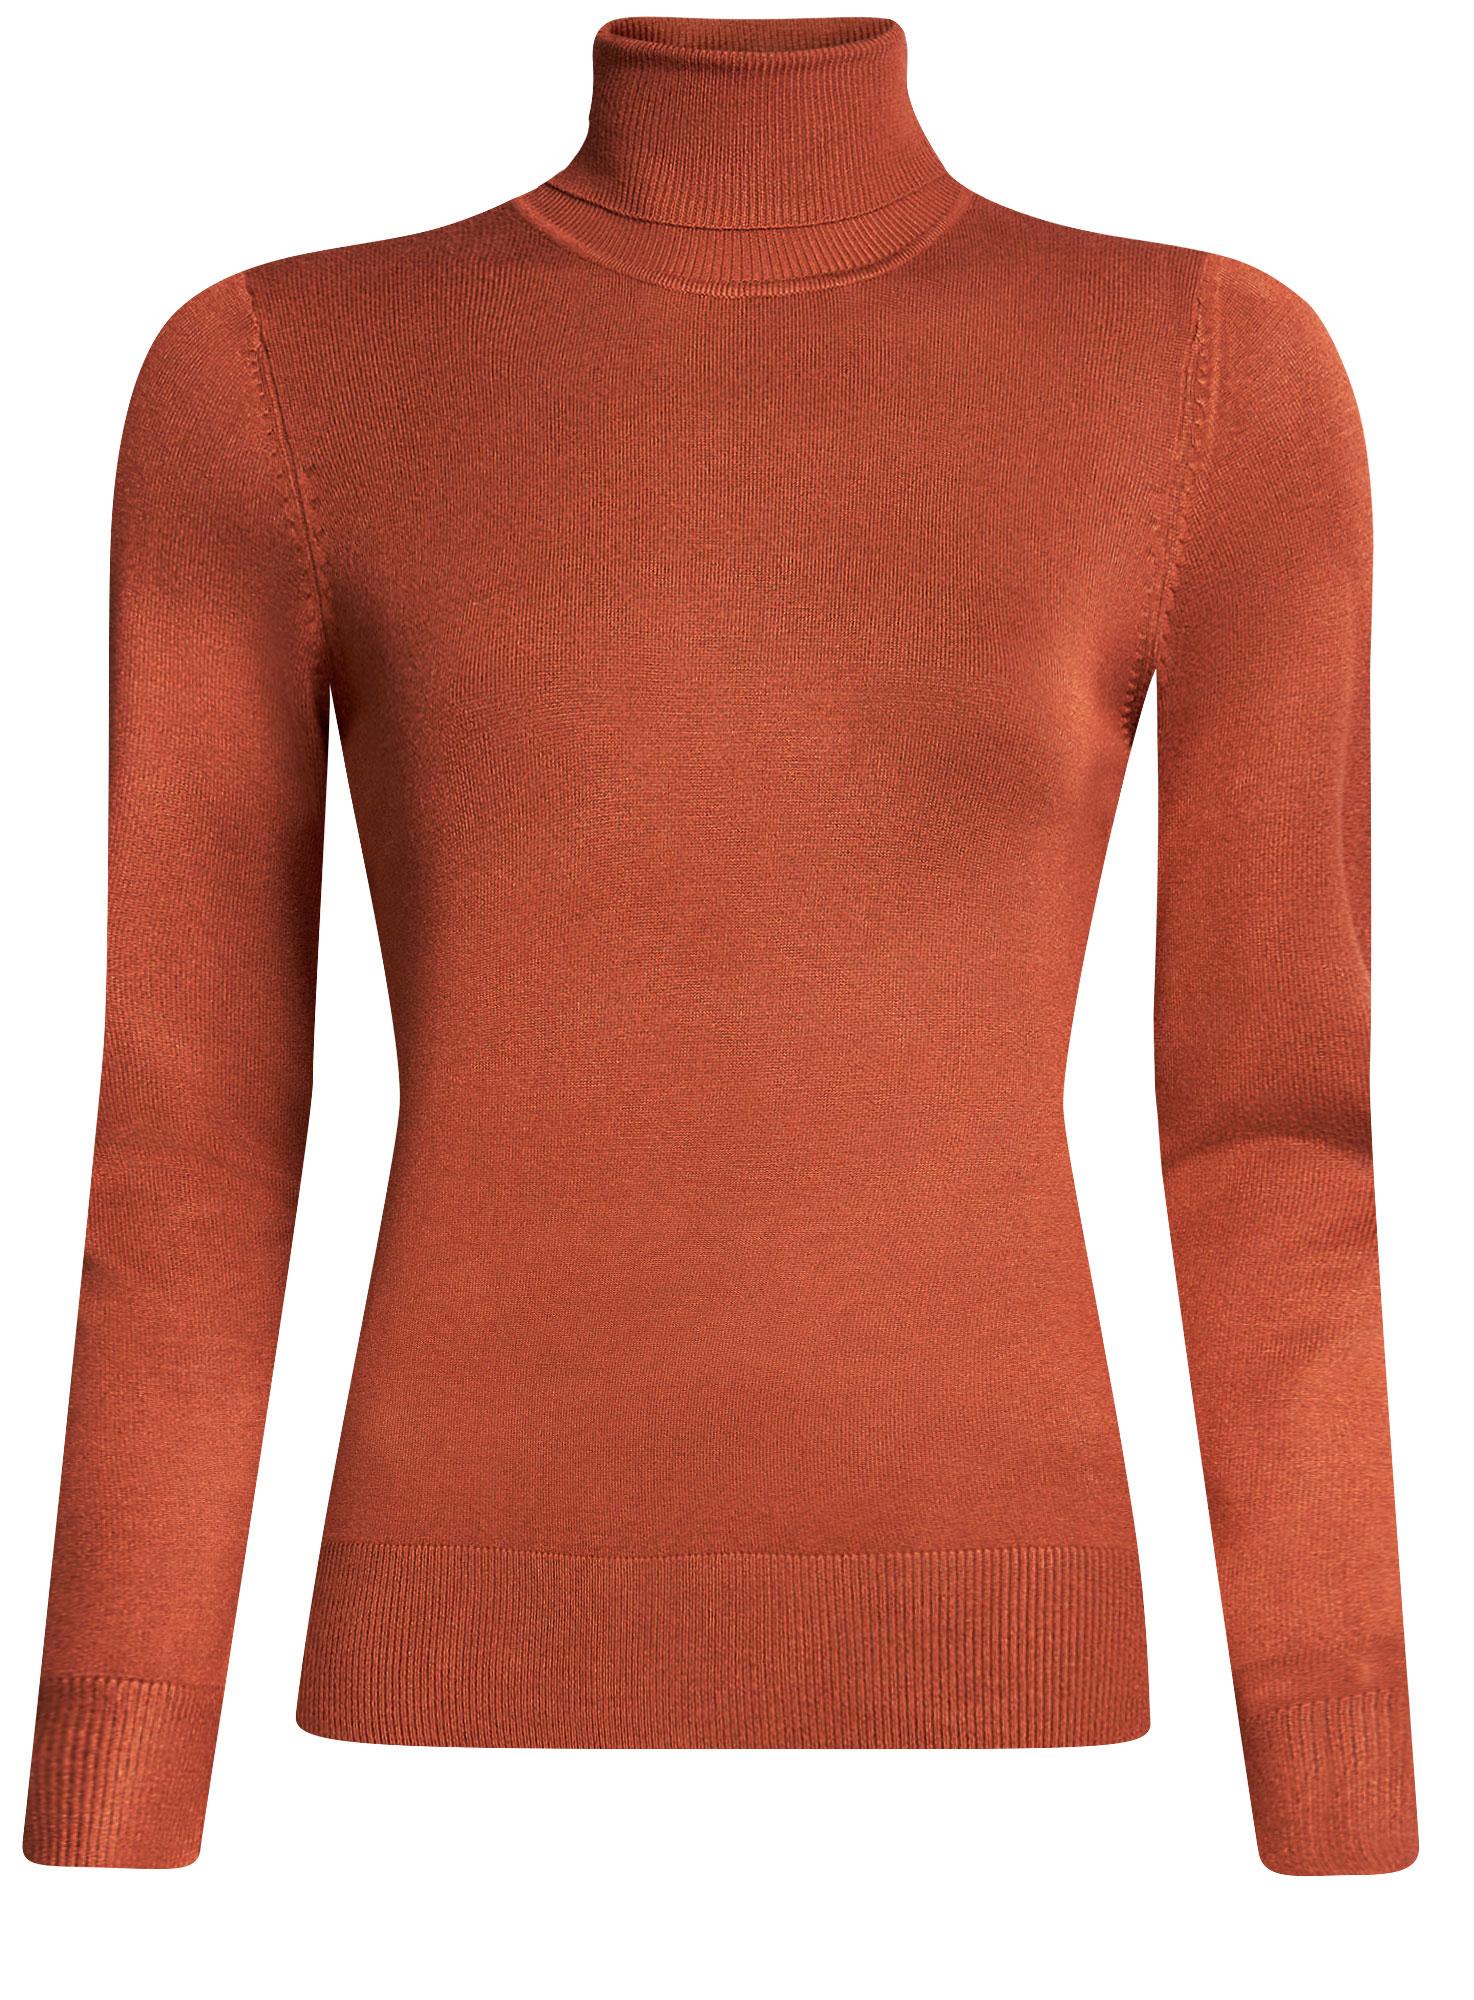 Свитер74412005-6/24525/4C00NСвитер женский oodji Collection выполнен из мягкой облегающей ткани базовых цветов. Имеет длинные рукава и воротник-гольф. Изделие плотно садится по фигуре.